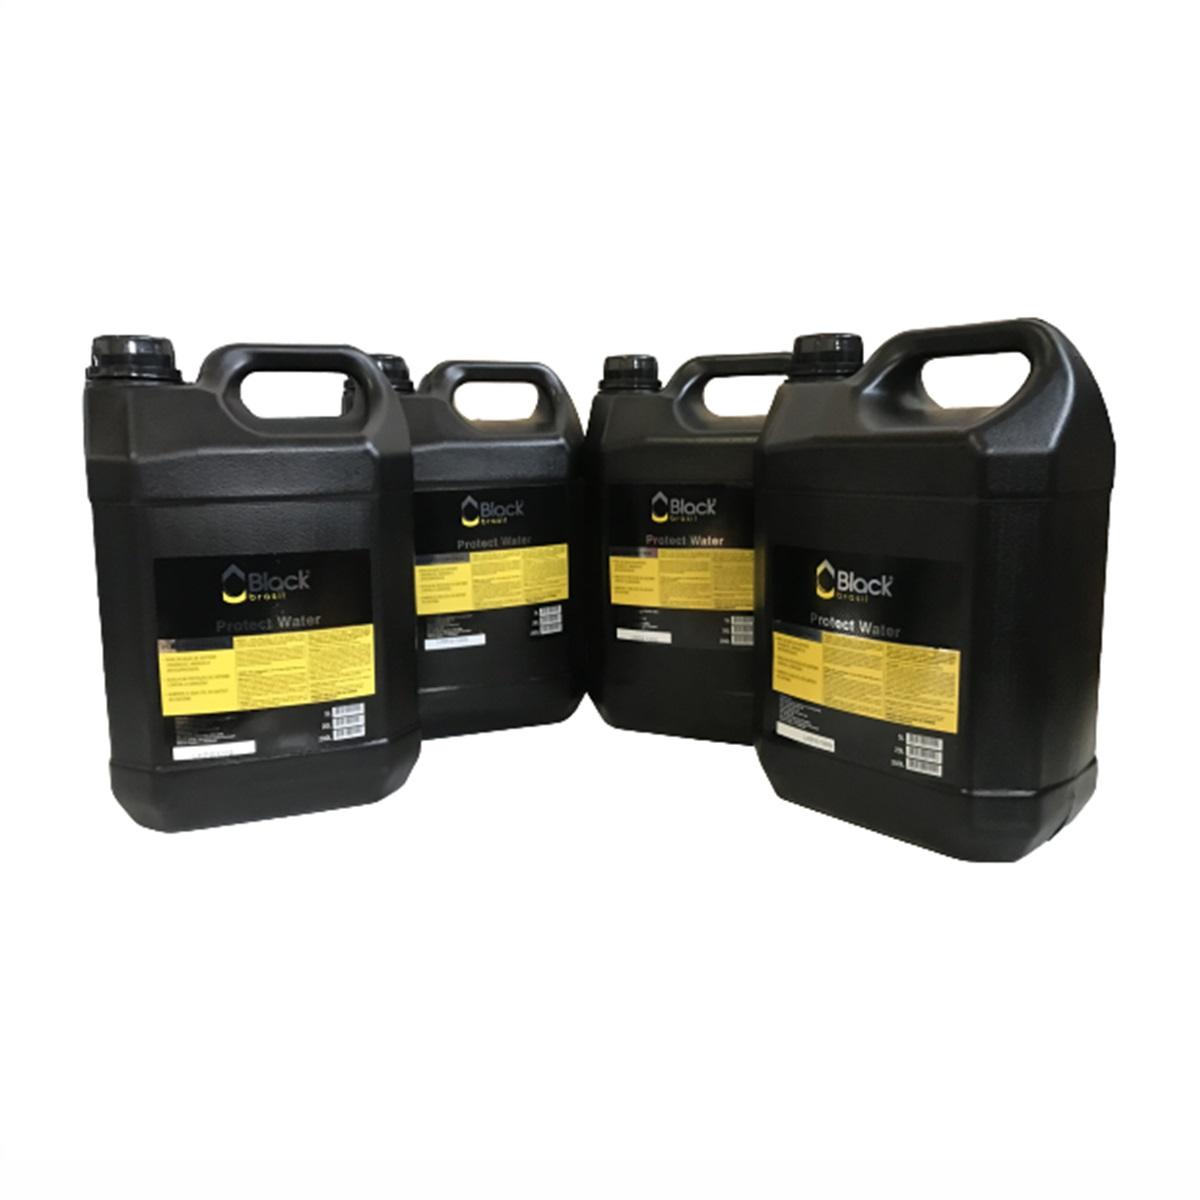 Protect Water Água Desmineralizada Black 5lts Kit Com 4 Unidades